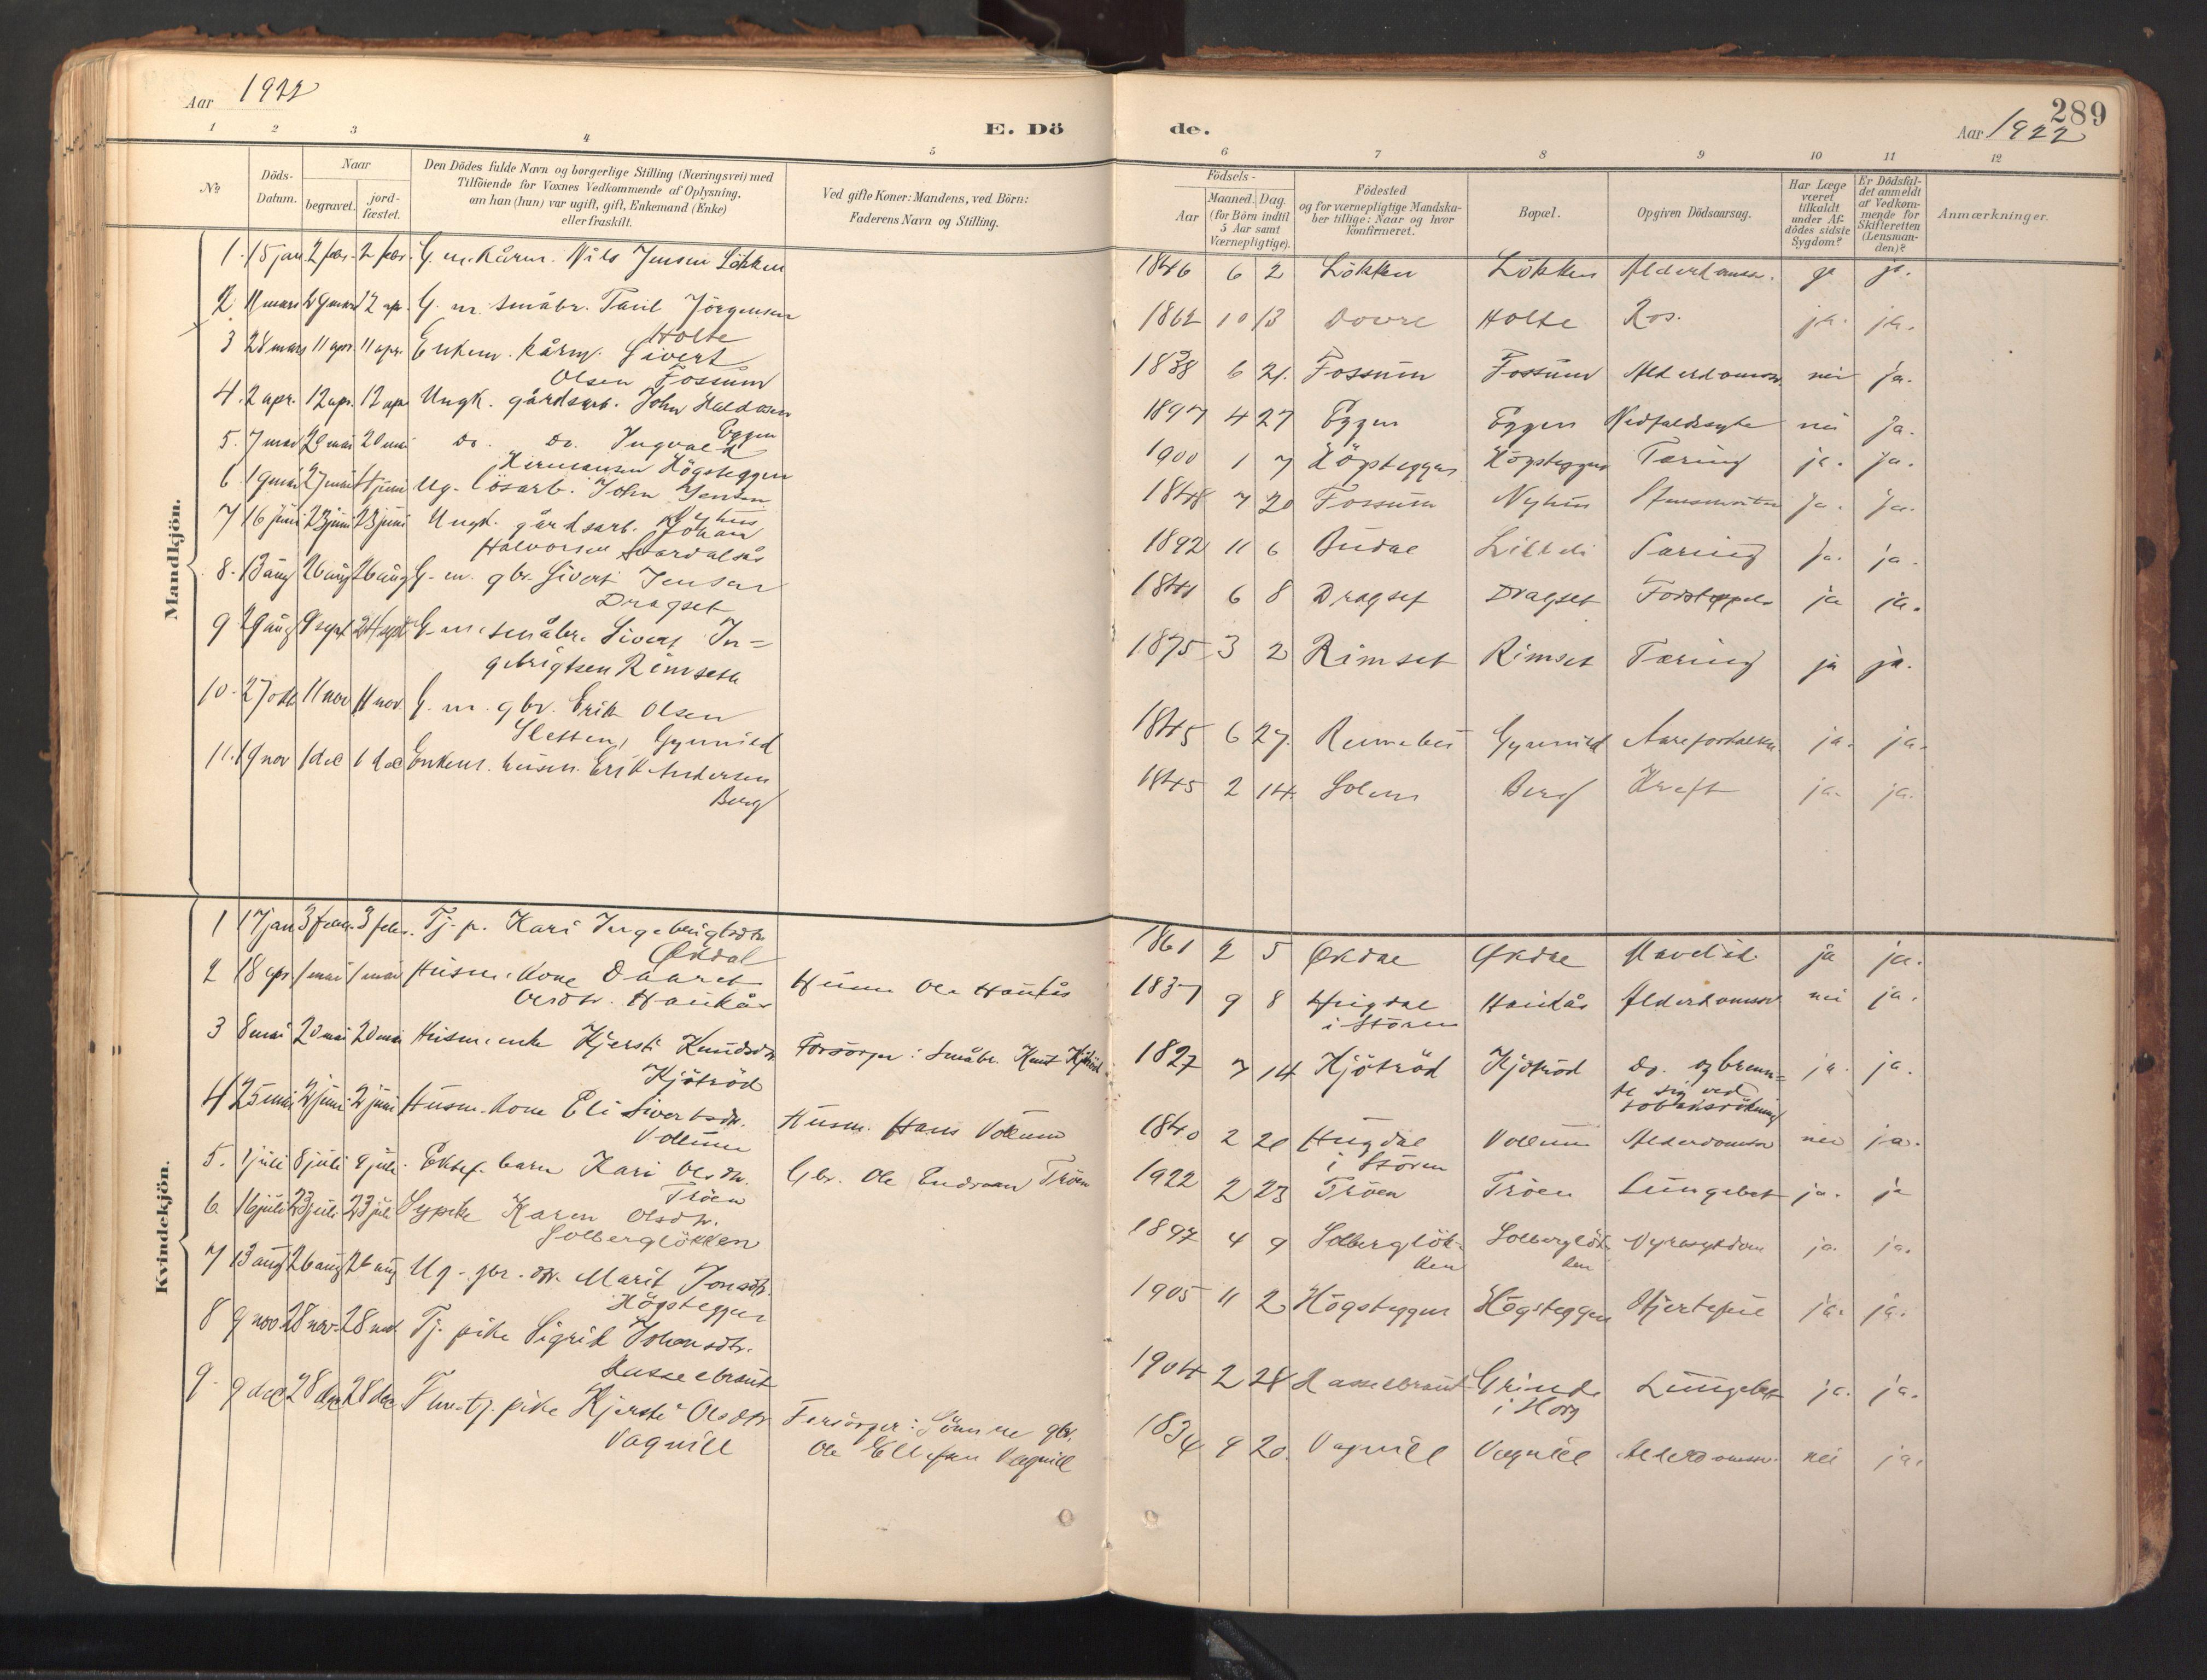 SAT, Ministerialprotokoller, klokkerbøker og fødselsregistre - Sør-Trøndelag, 689/L1041: Ministerialbok nr. 689A06, 1891-1923, s. 289